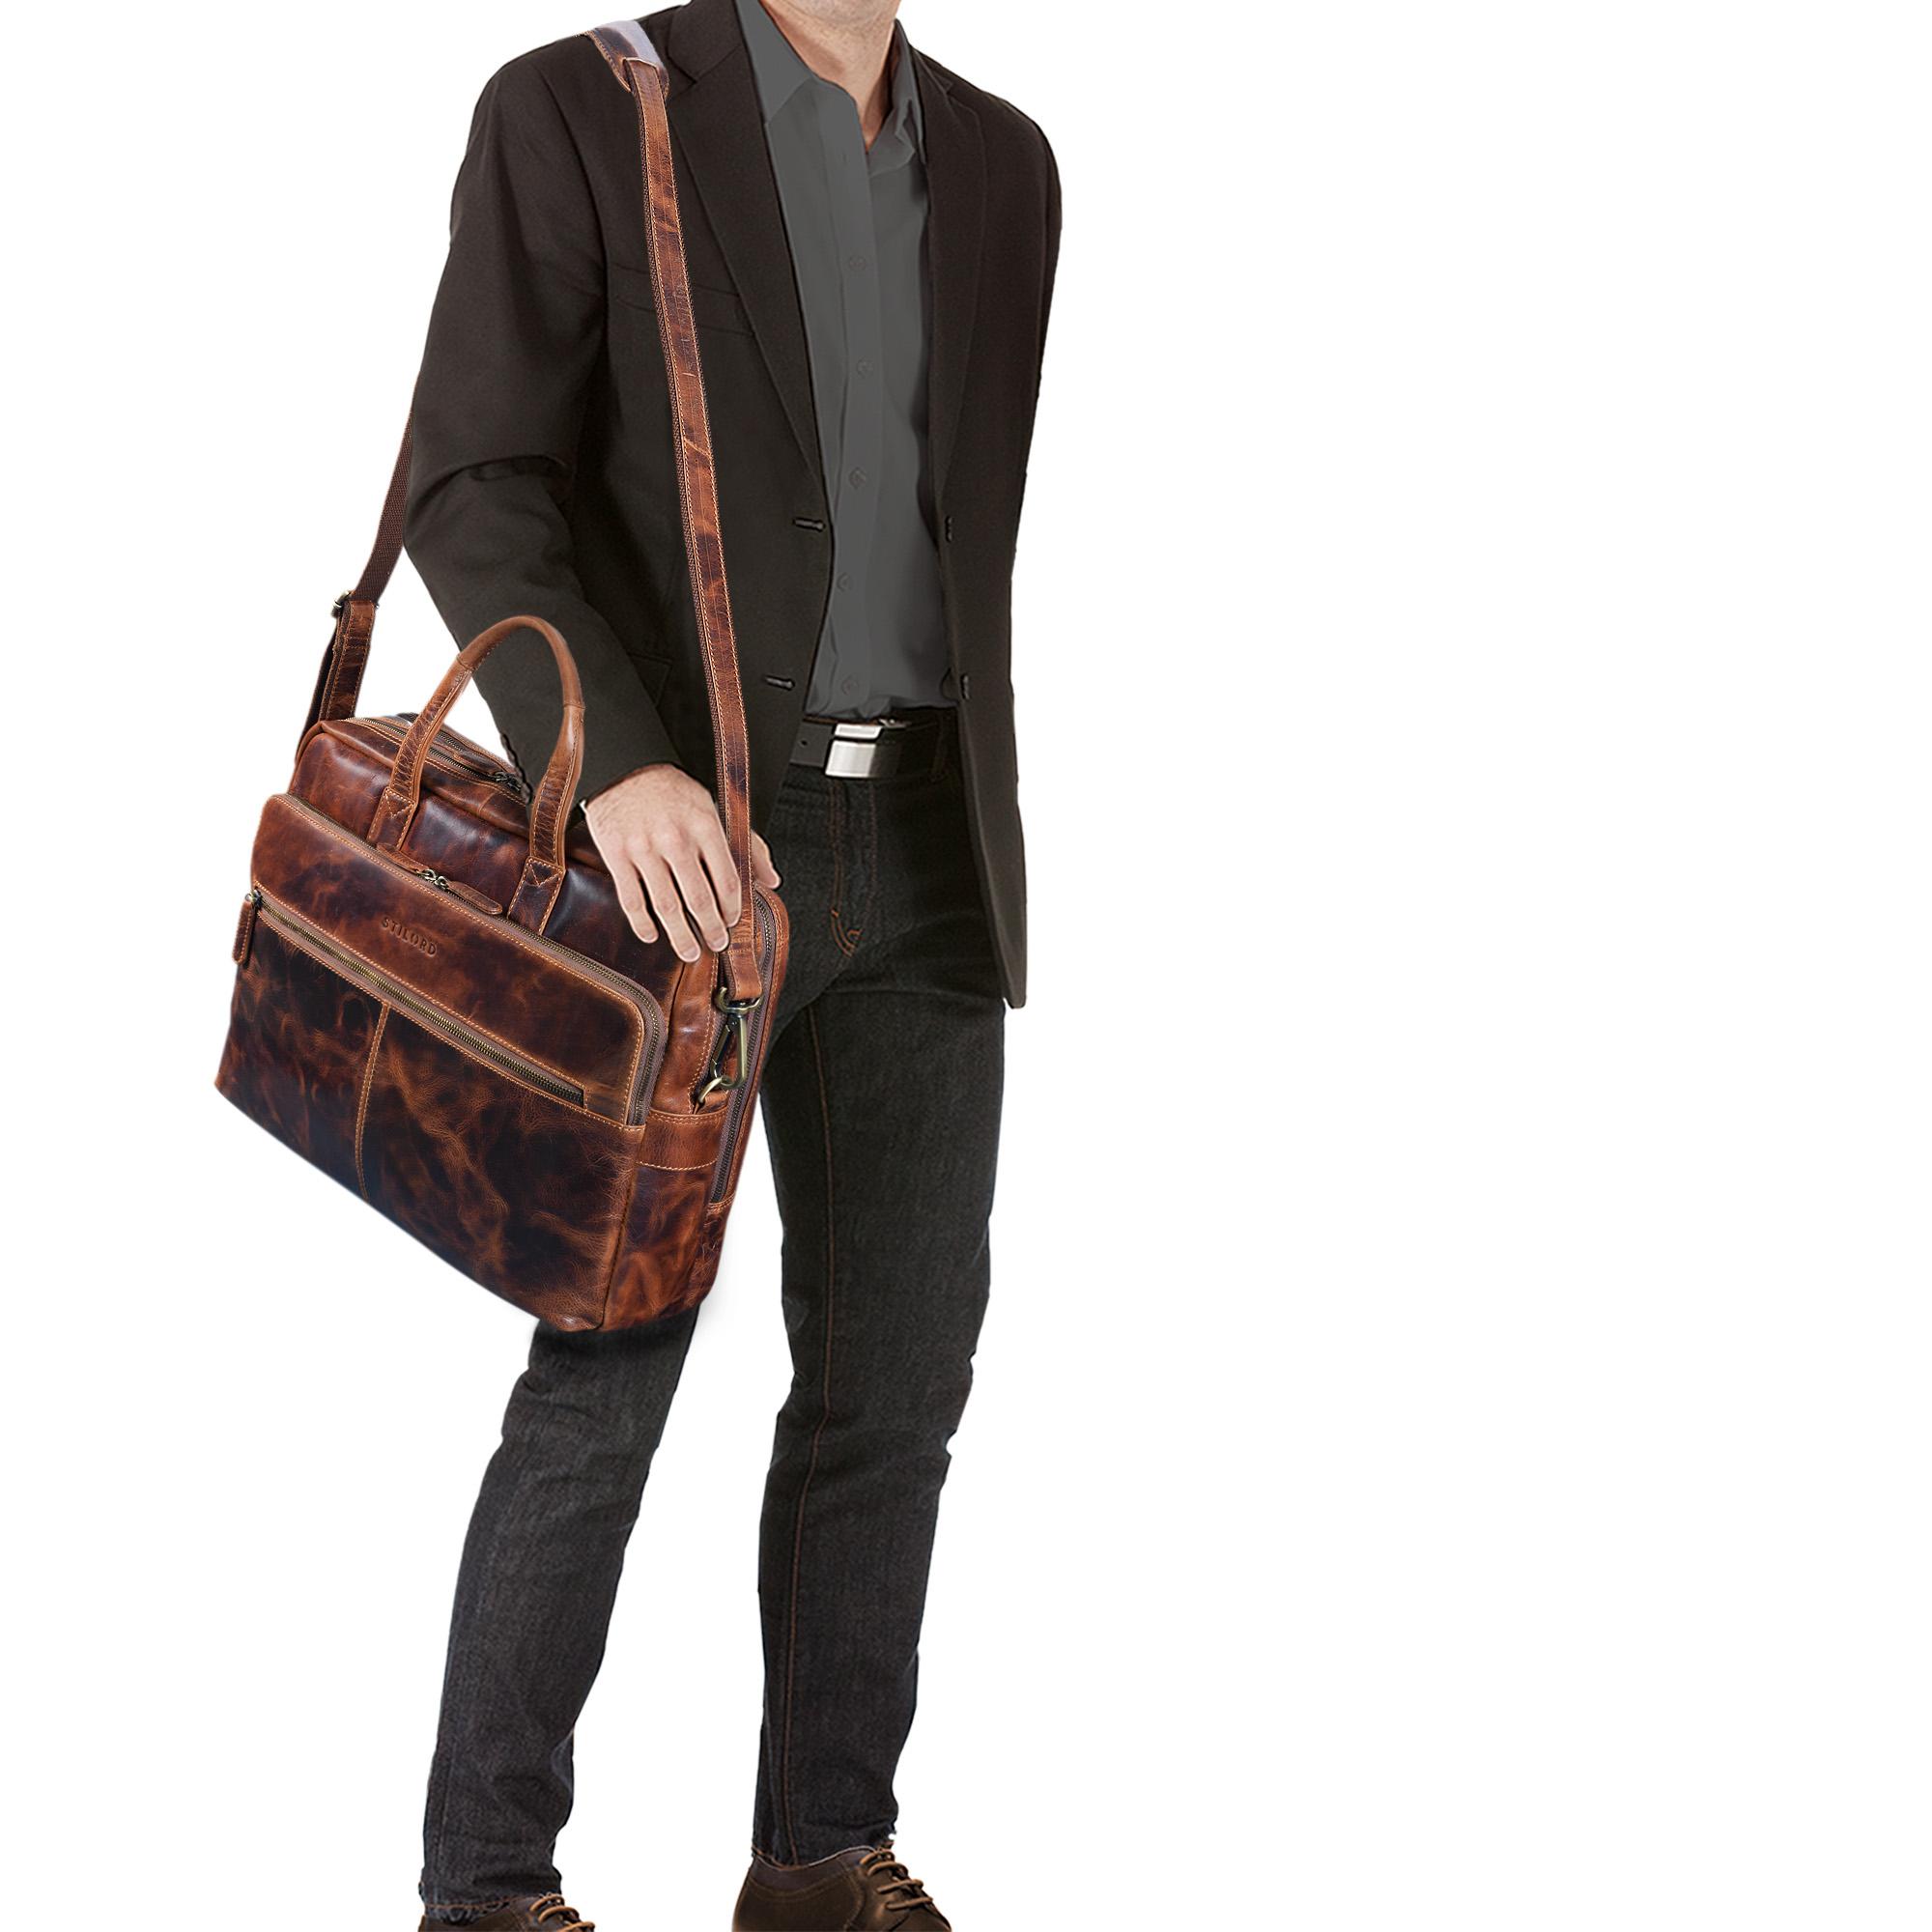 """STILORD """"William"""" Businesstasche Leder groß XL Lehrertasche Aktentasche 15,6 Zoll Laptoptasche Bürotasche Ledertasche Vintage Umhängetasche Echtleder - Bild 2"""